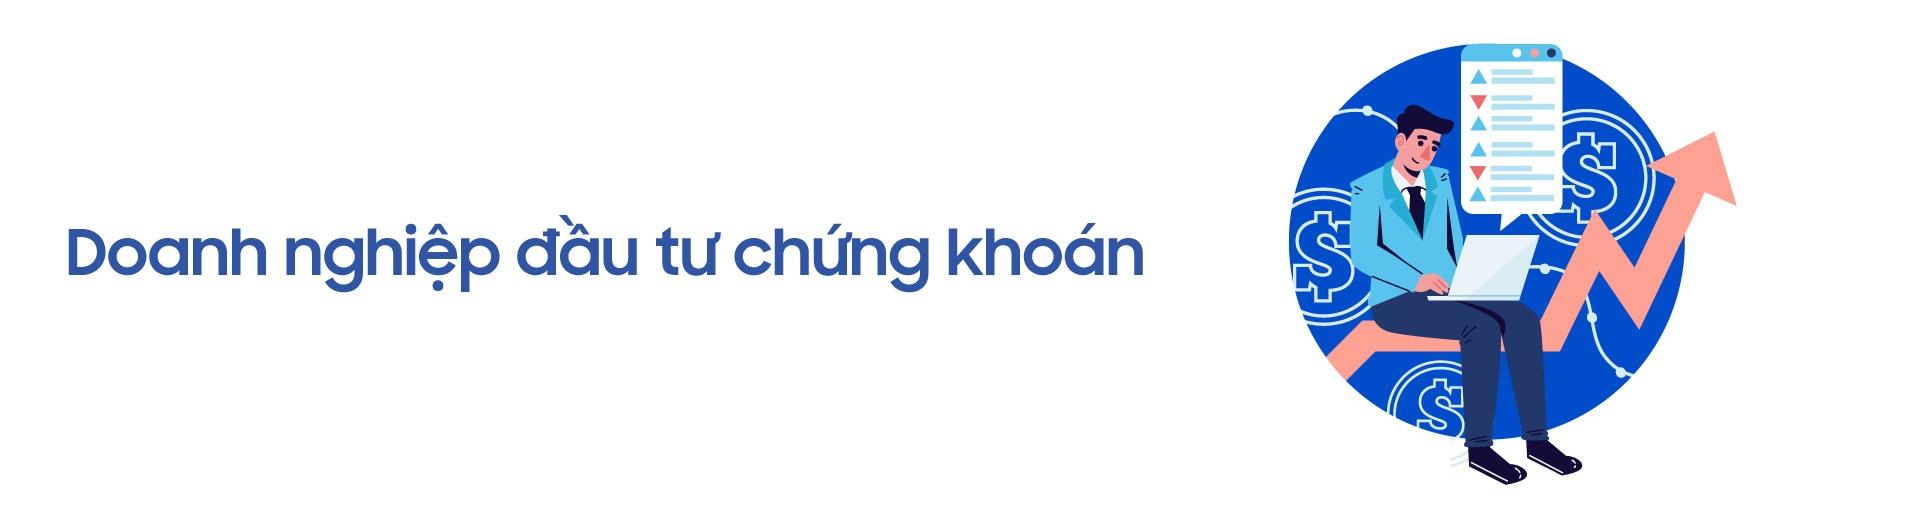 Chuyện thương trường 2020: Biến số Covid-19 và lời giải của doanh nghiệp Việt - Ảnh 10.